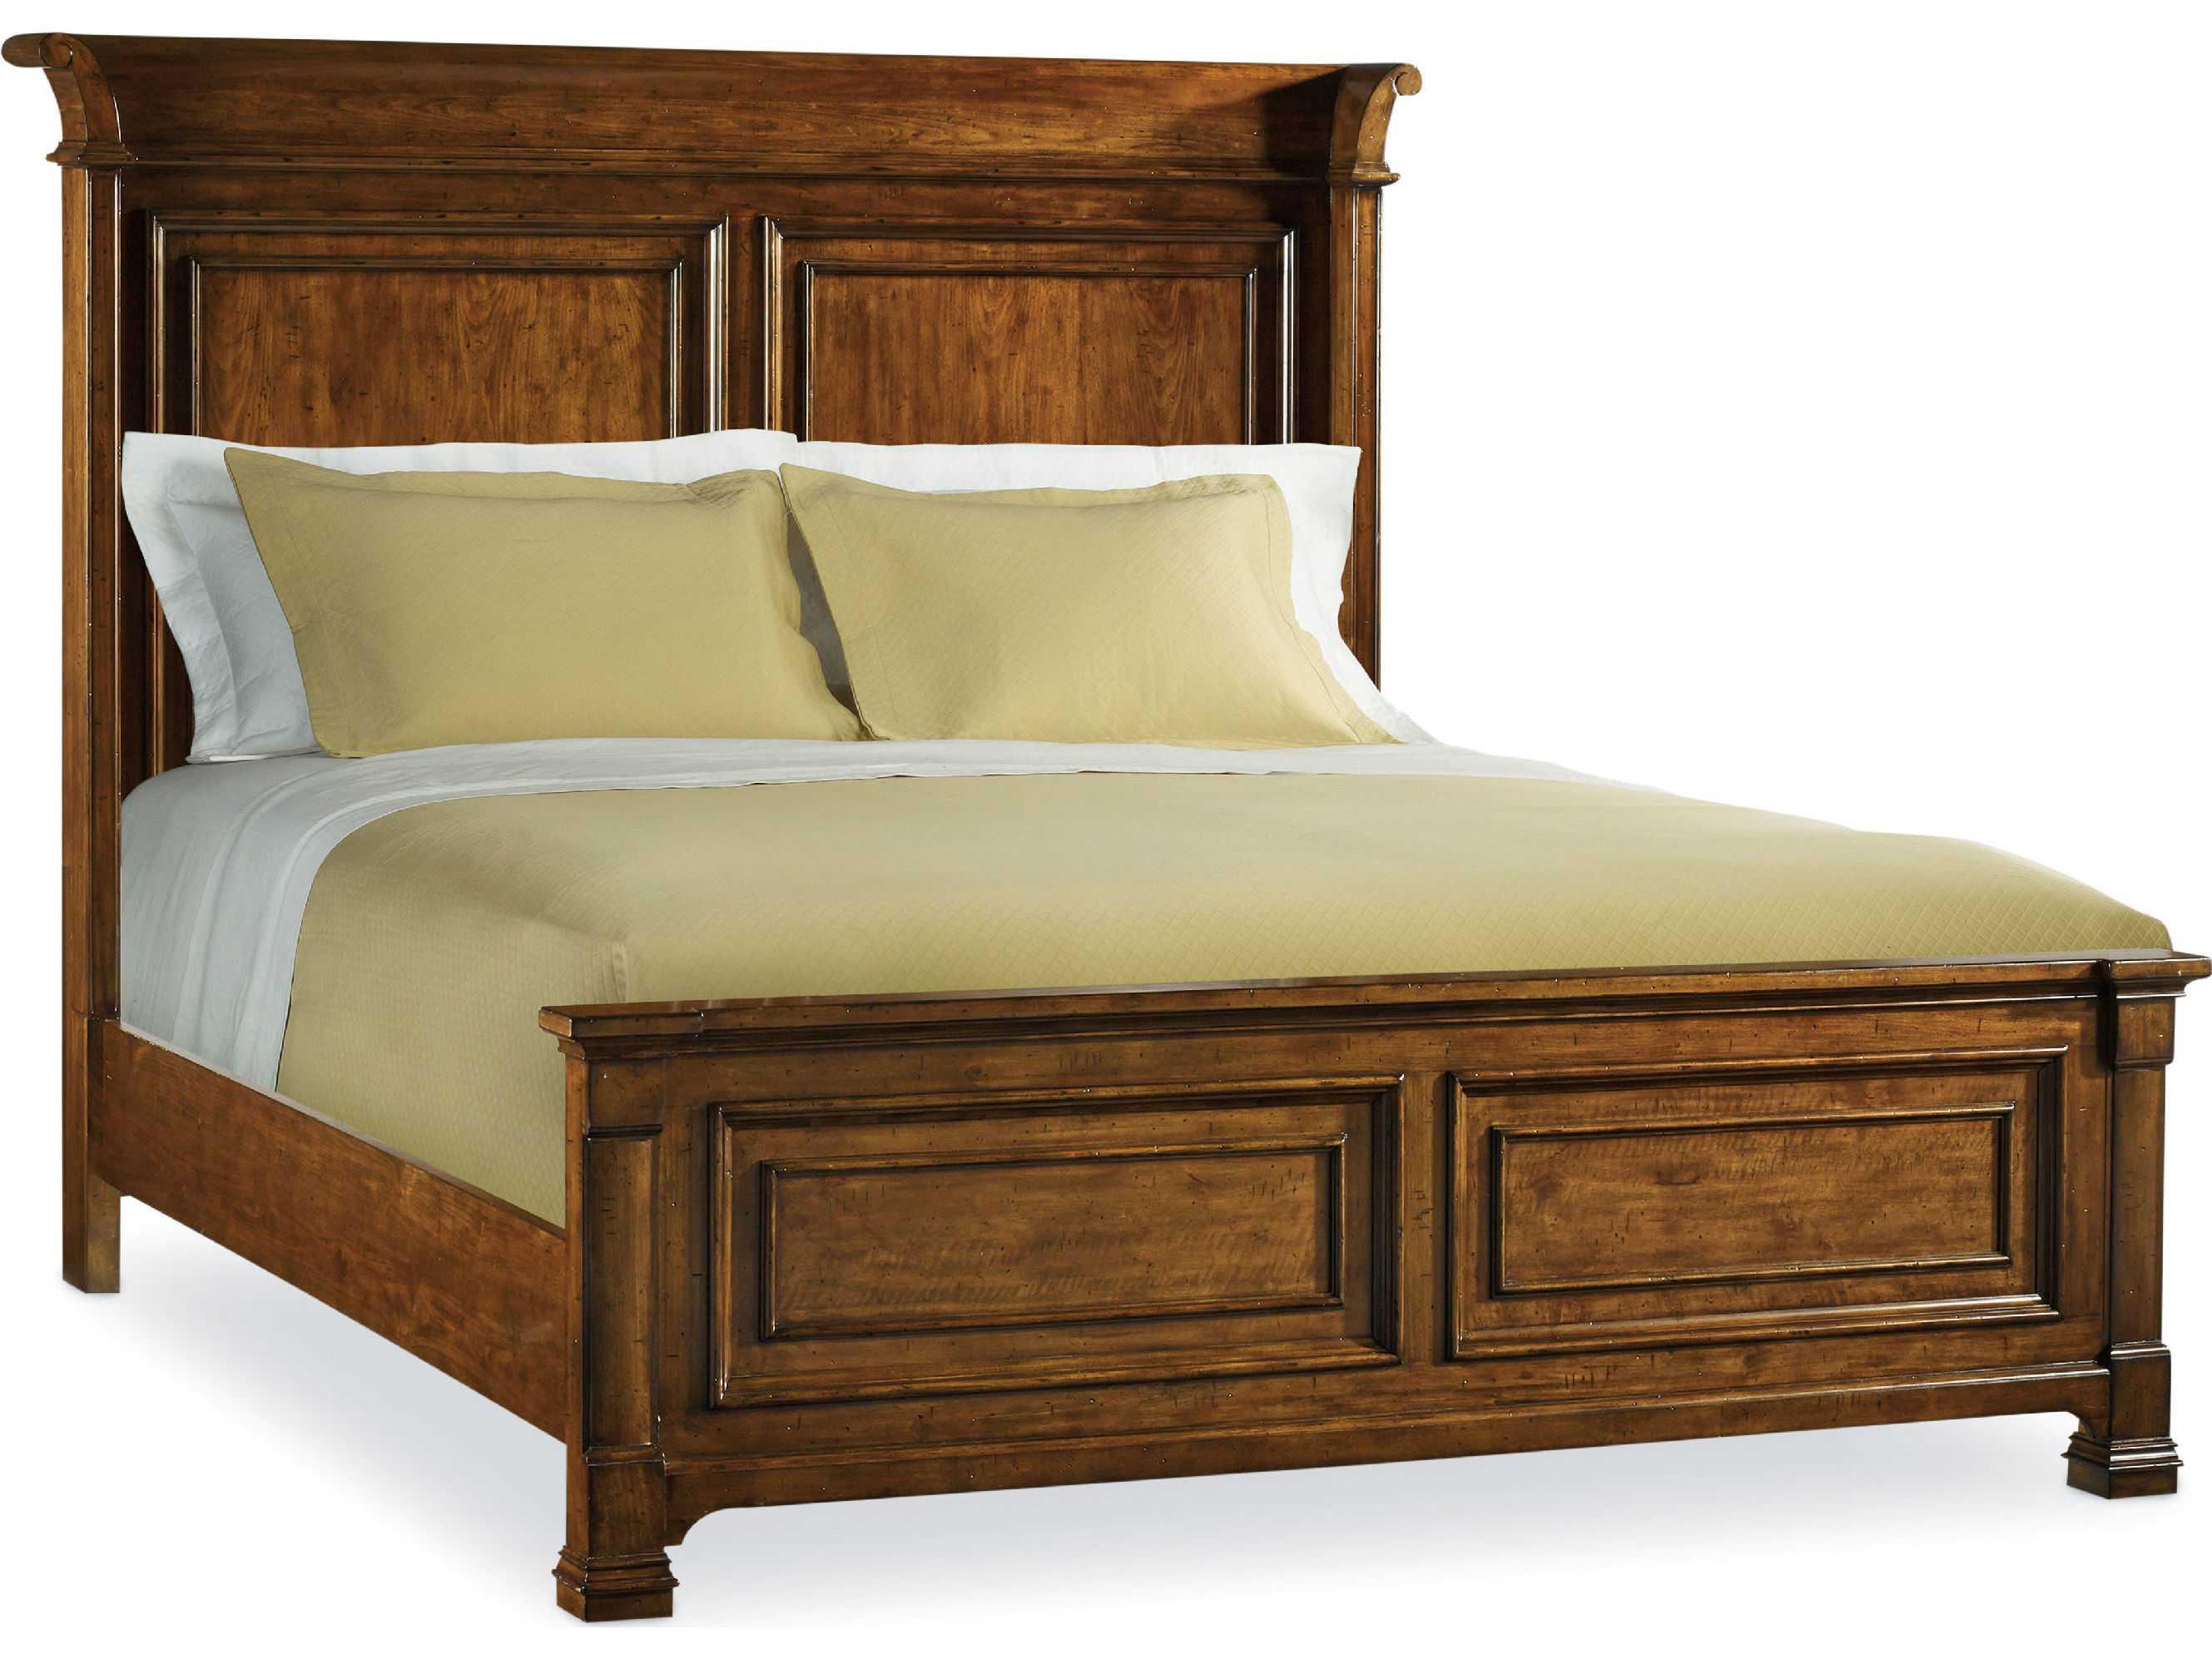 Hooker Furniture Tynecastle Medium Wood Queen Size Panel Bed Hoo532390250